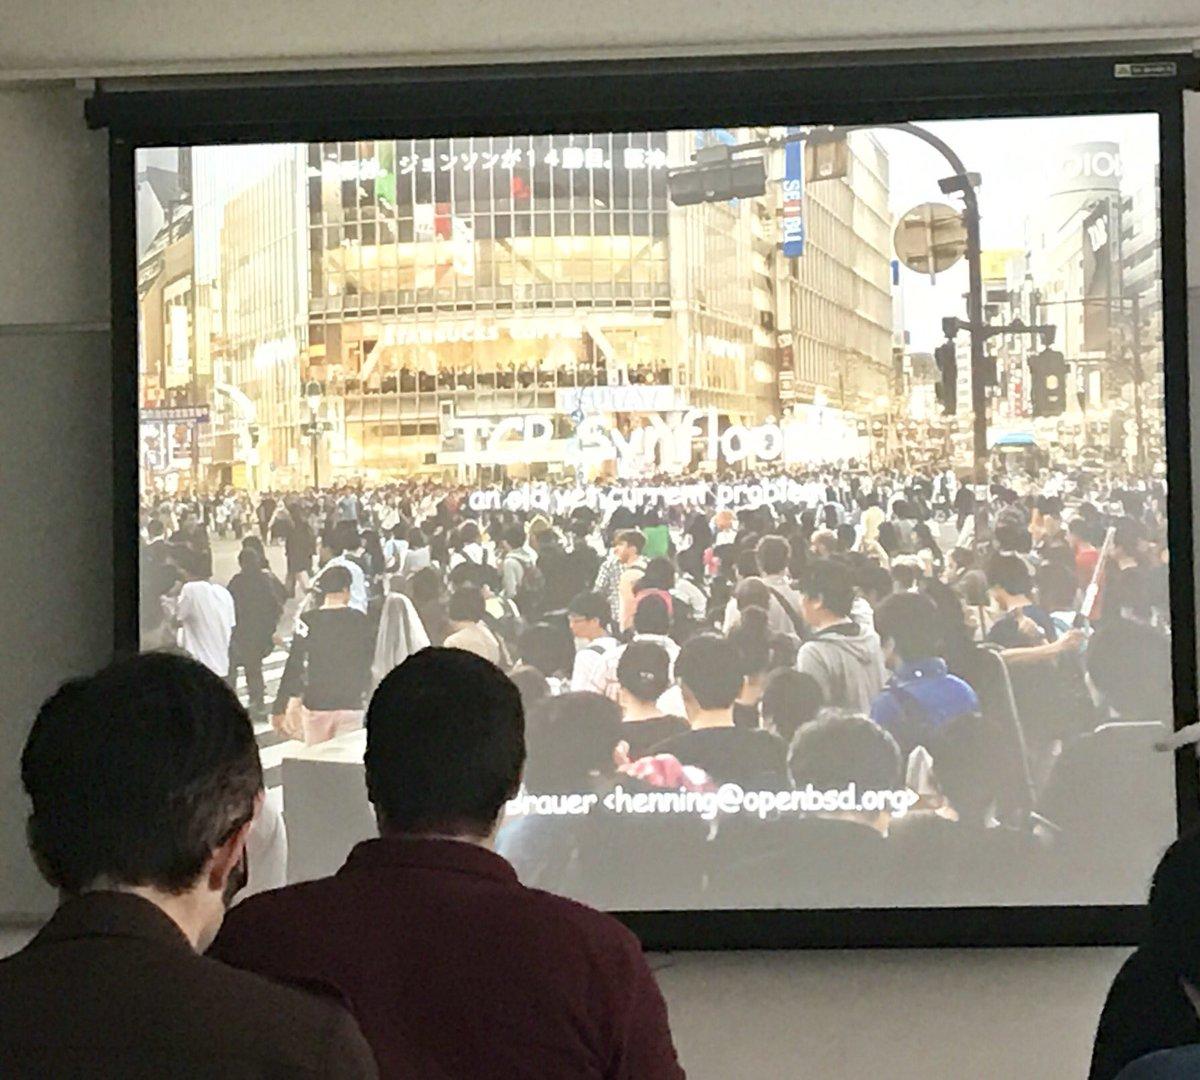 Synfloodのスライドの画像が渋谷の交差点なのウケる #AsiaBSDCon